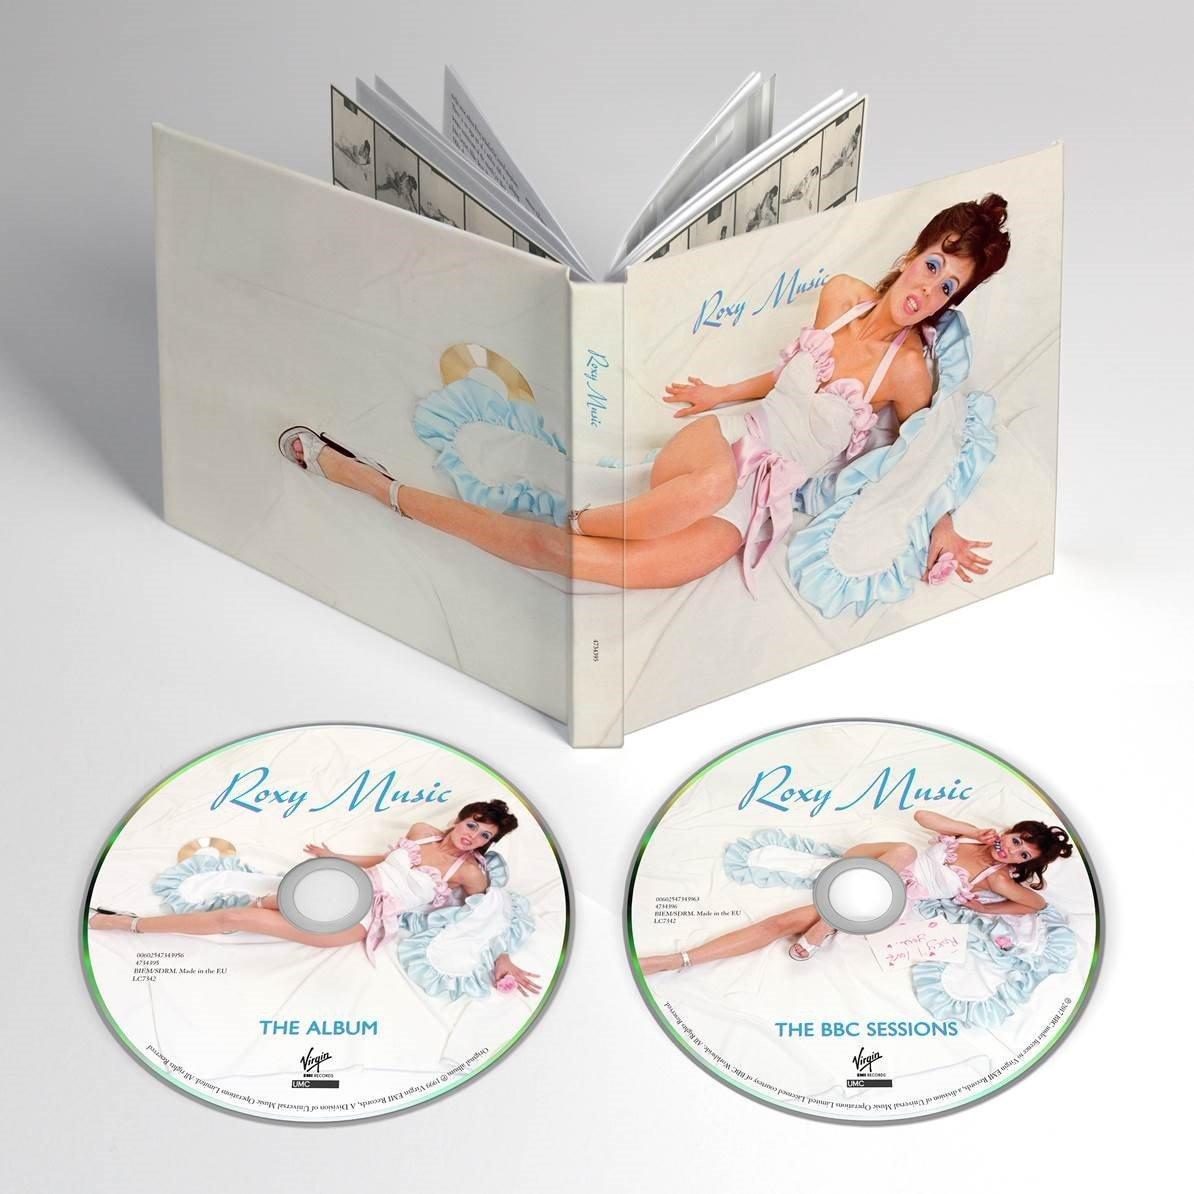 Roxy music s t cd packshot